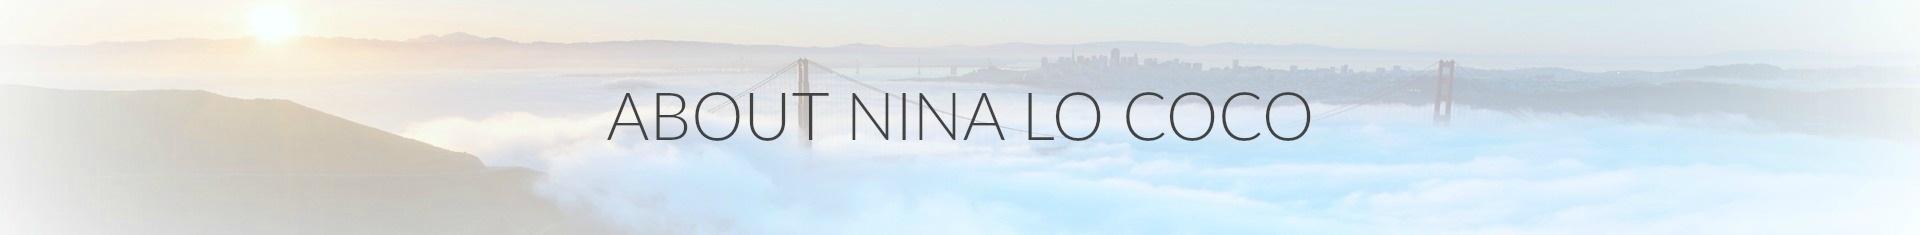 About Nina Lo Coco